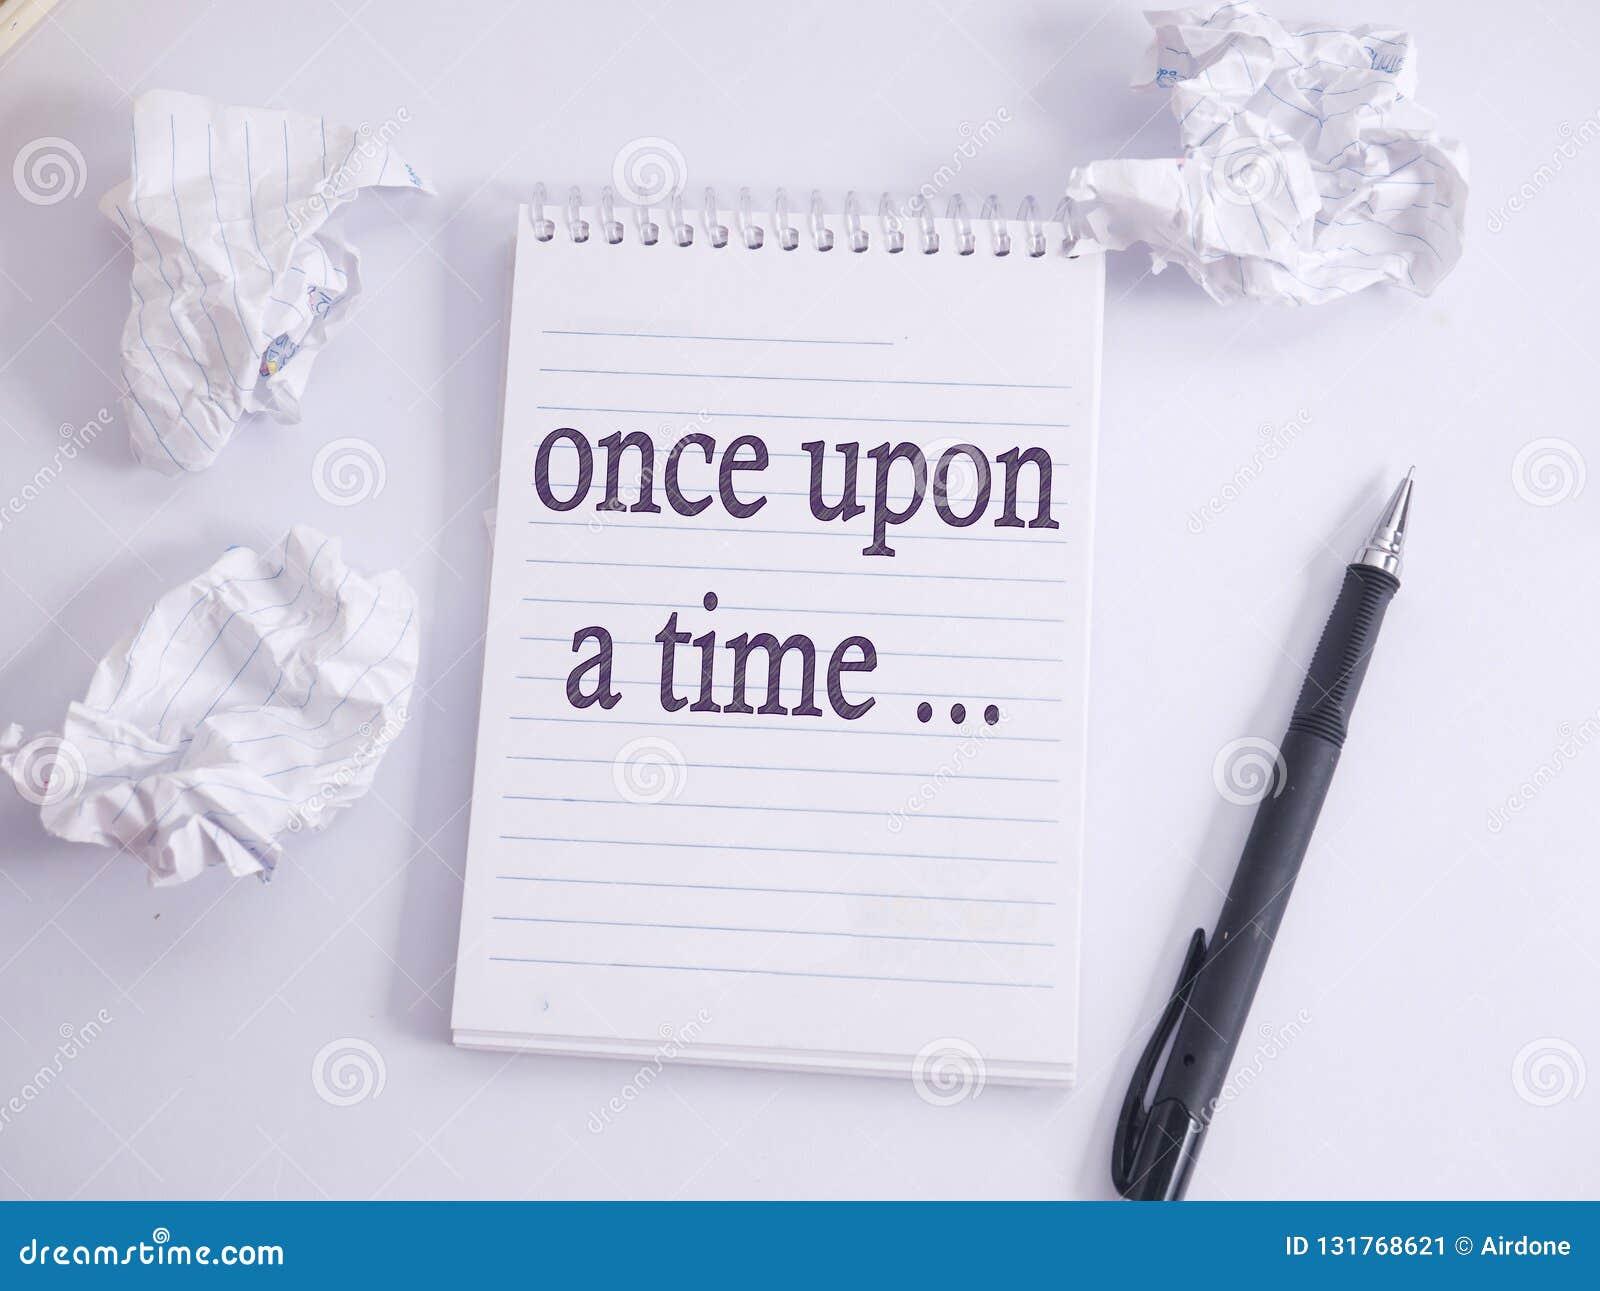 Eens, verhaal die motieven inspirational citaten vertellen